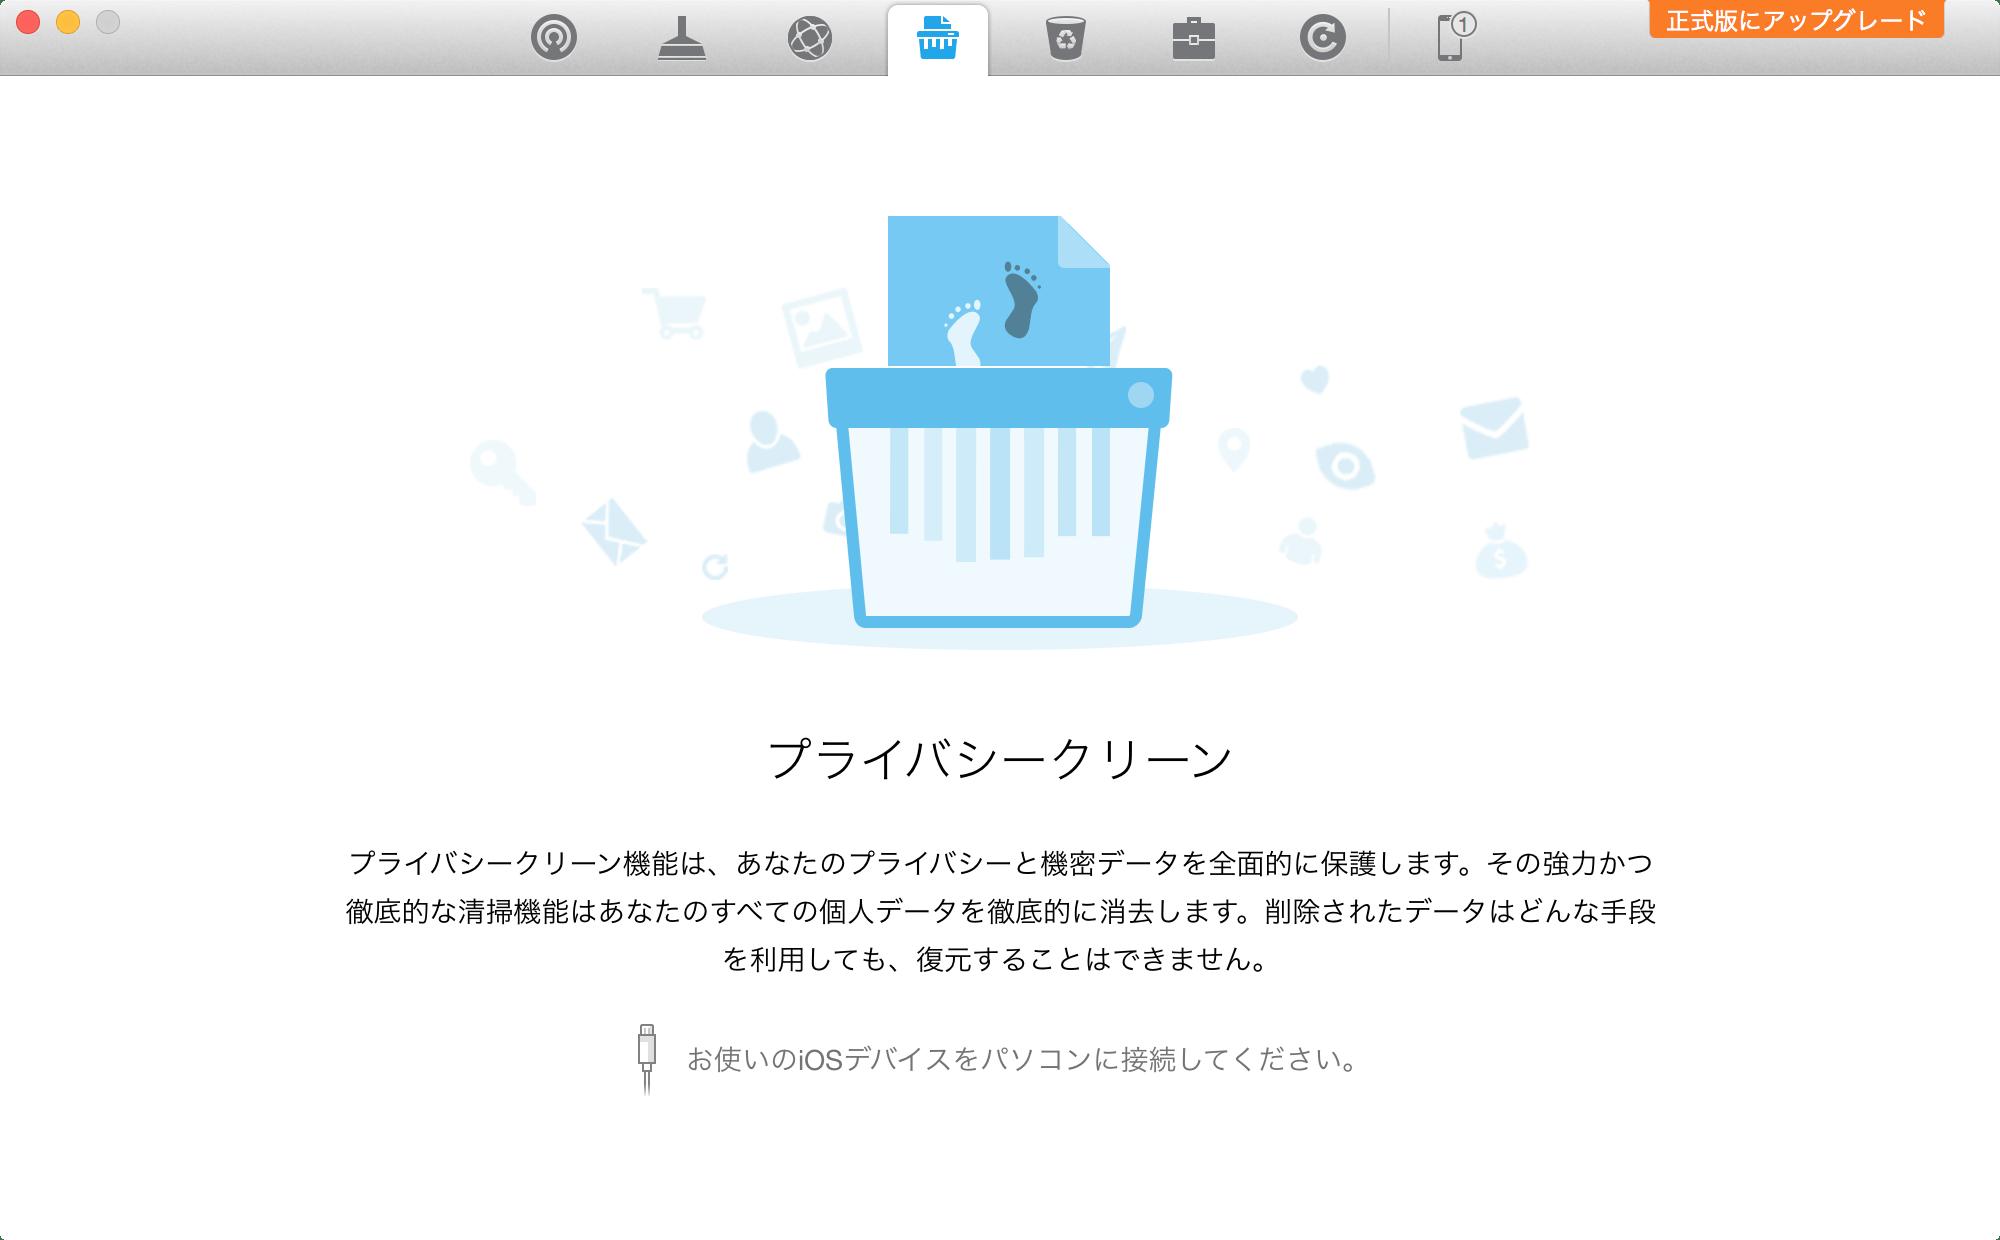 22_20160128_iphoneclean4